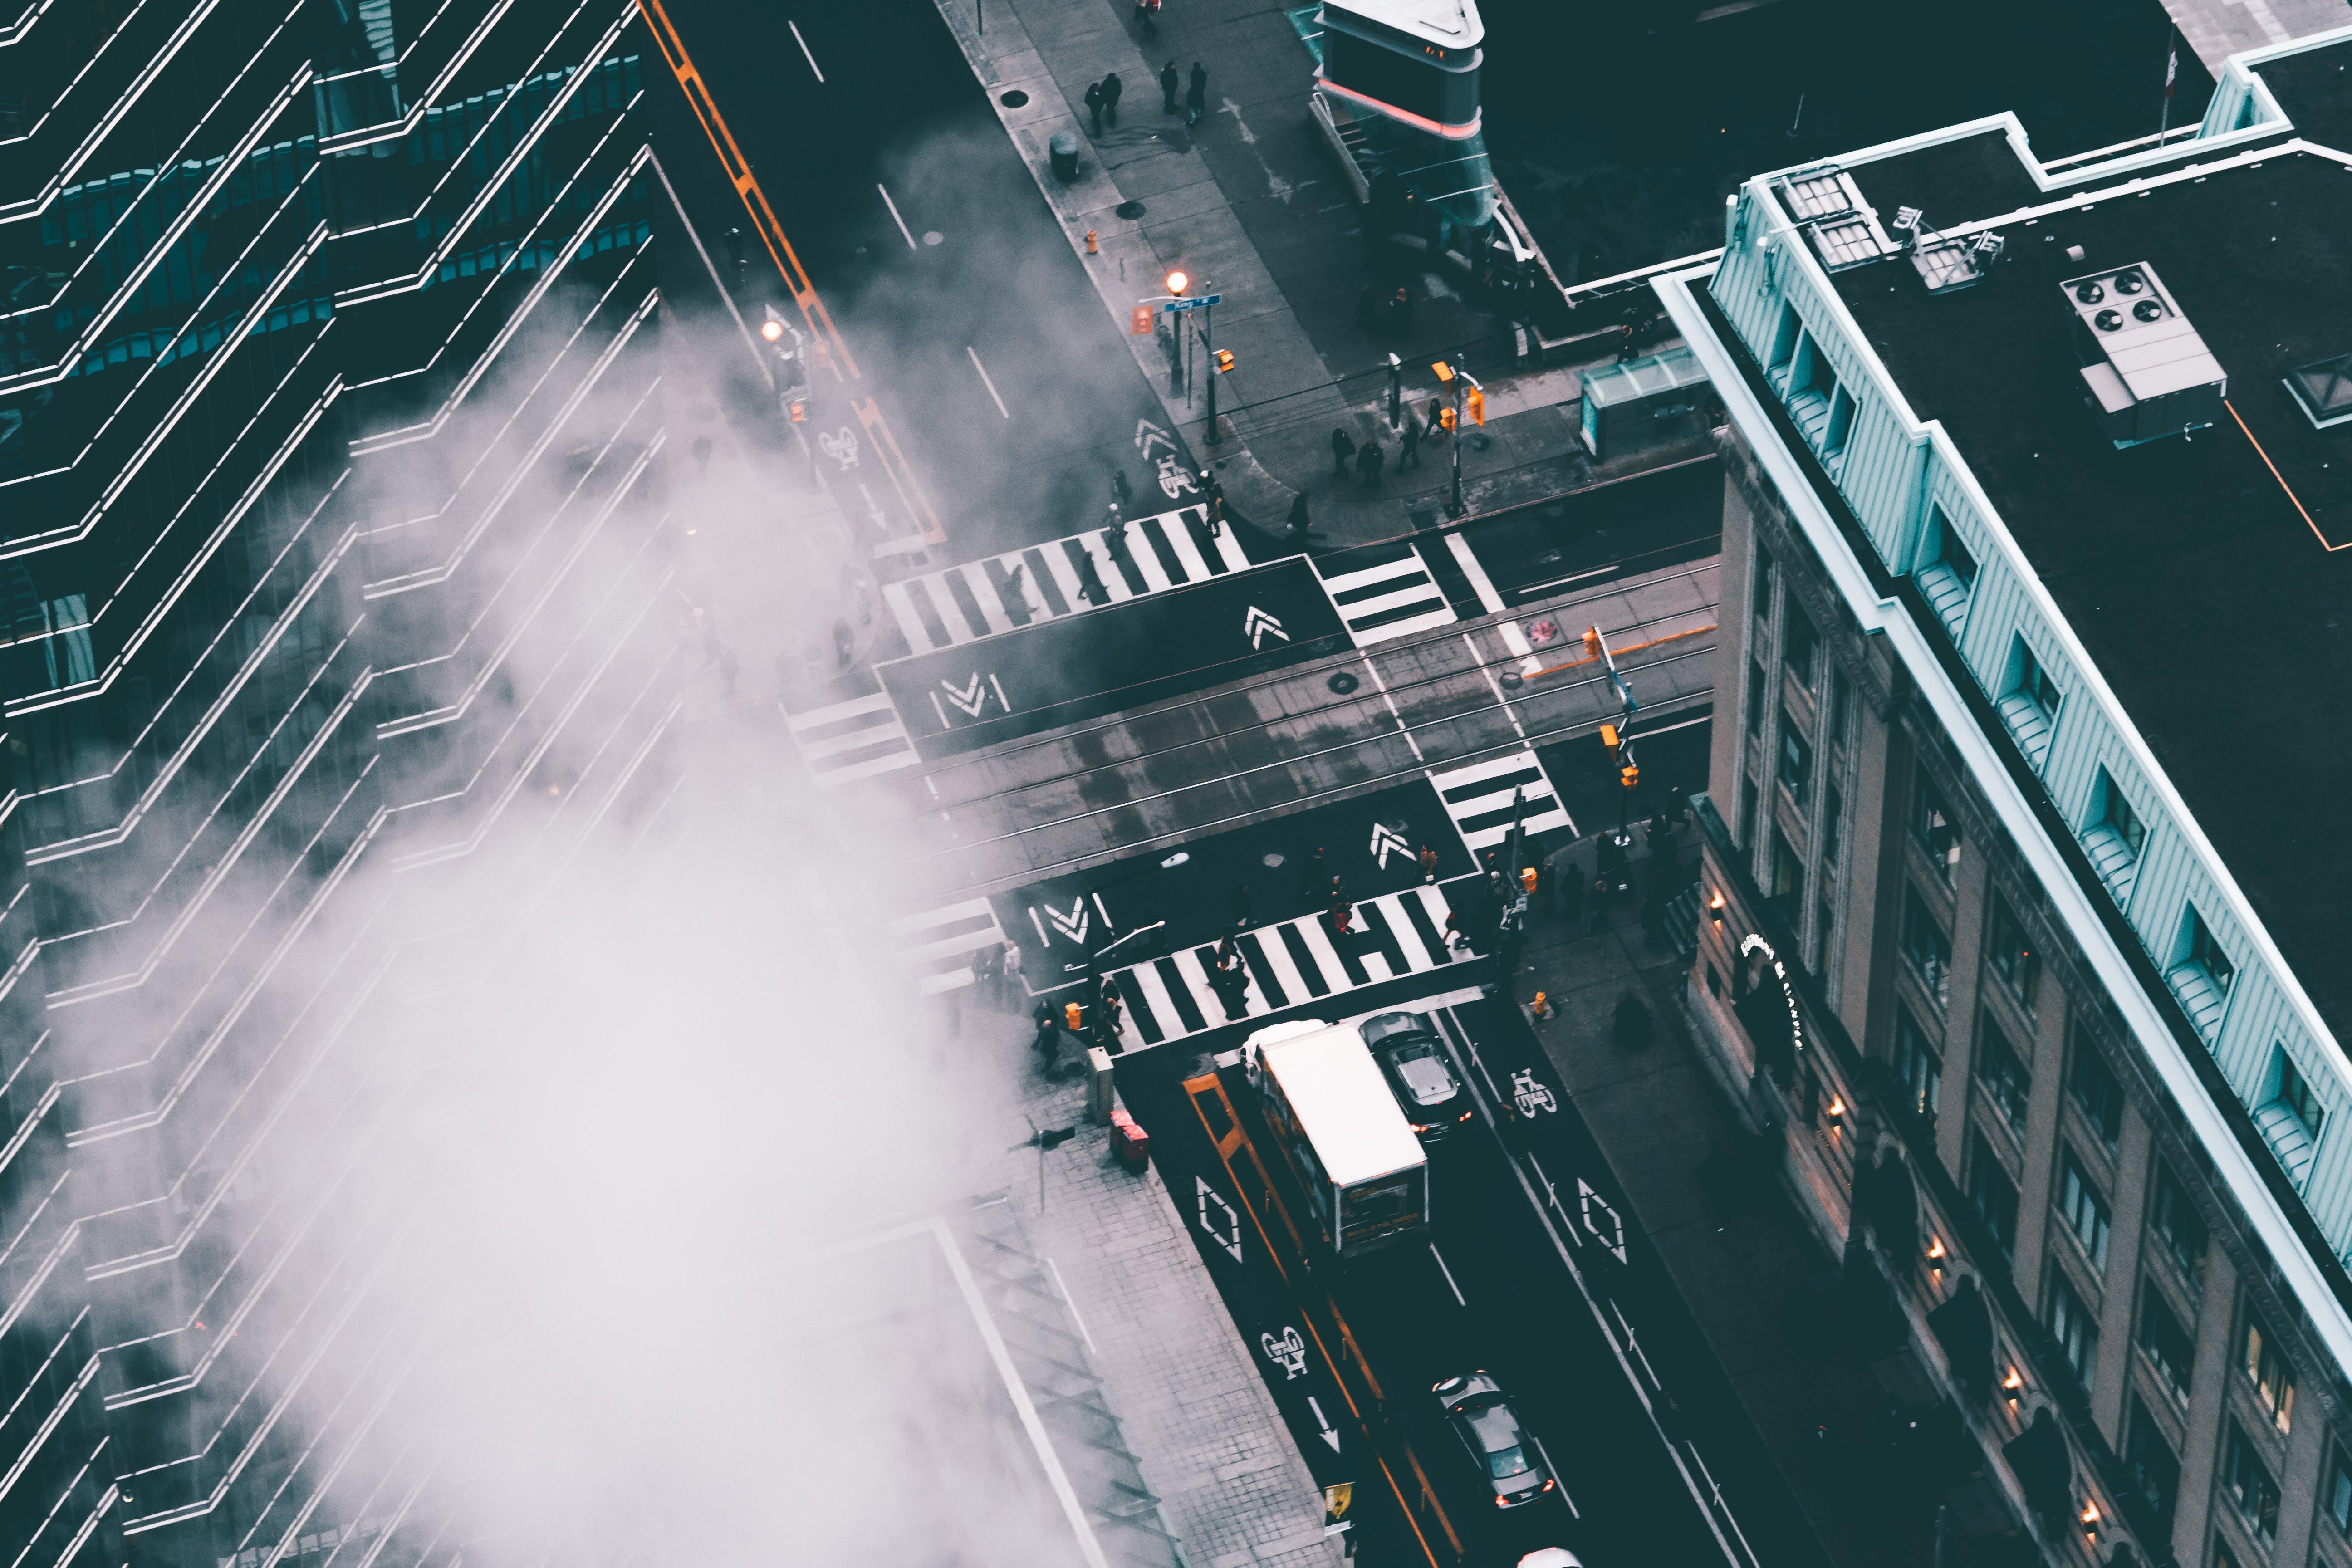 action, architecture, blur